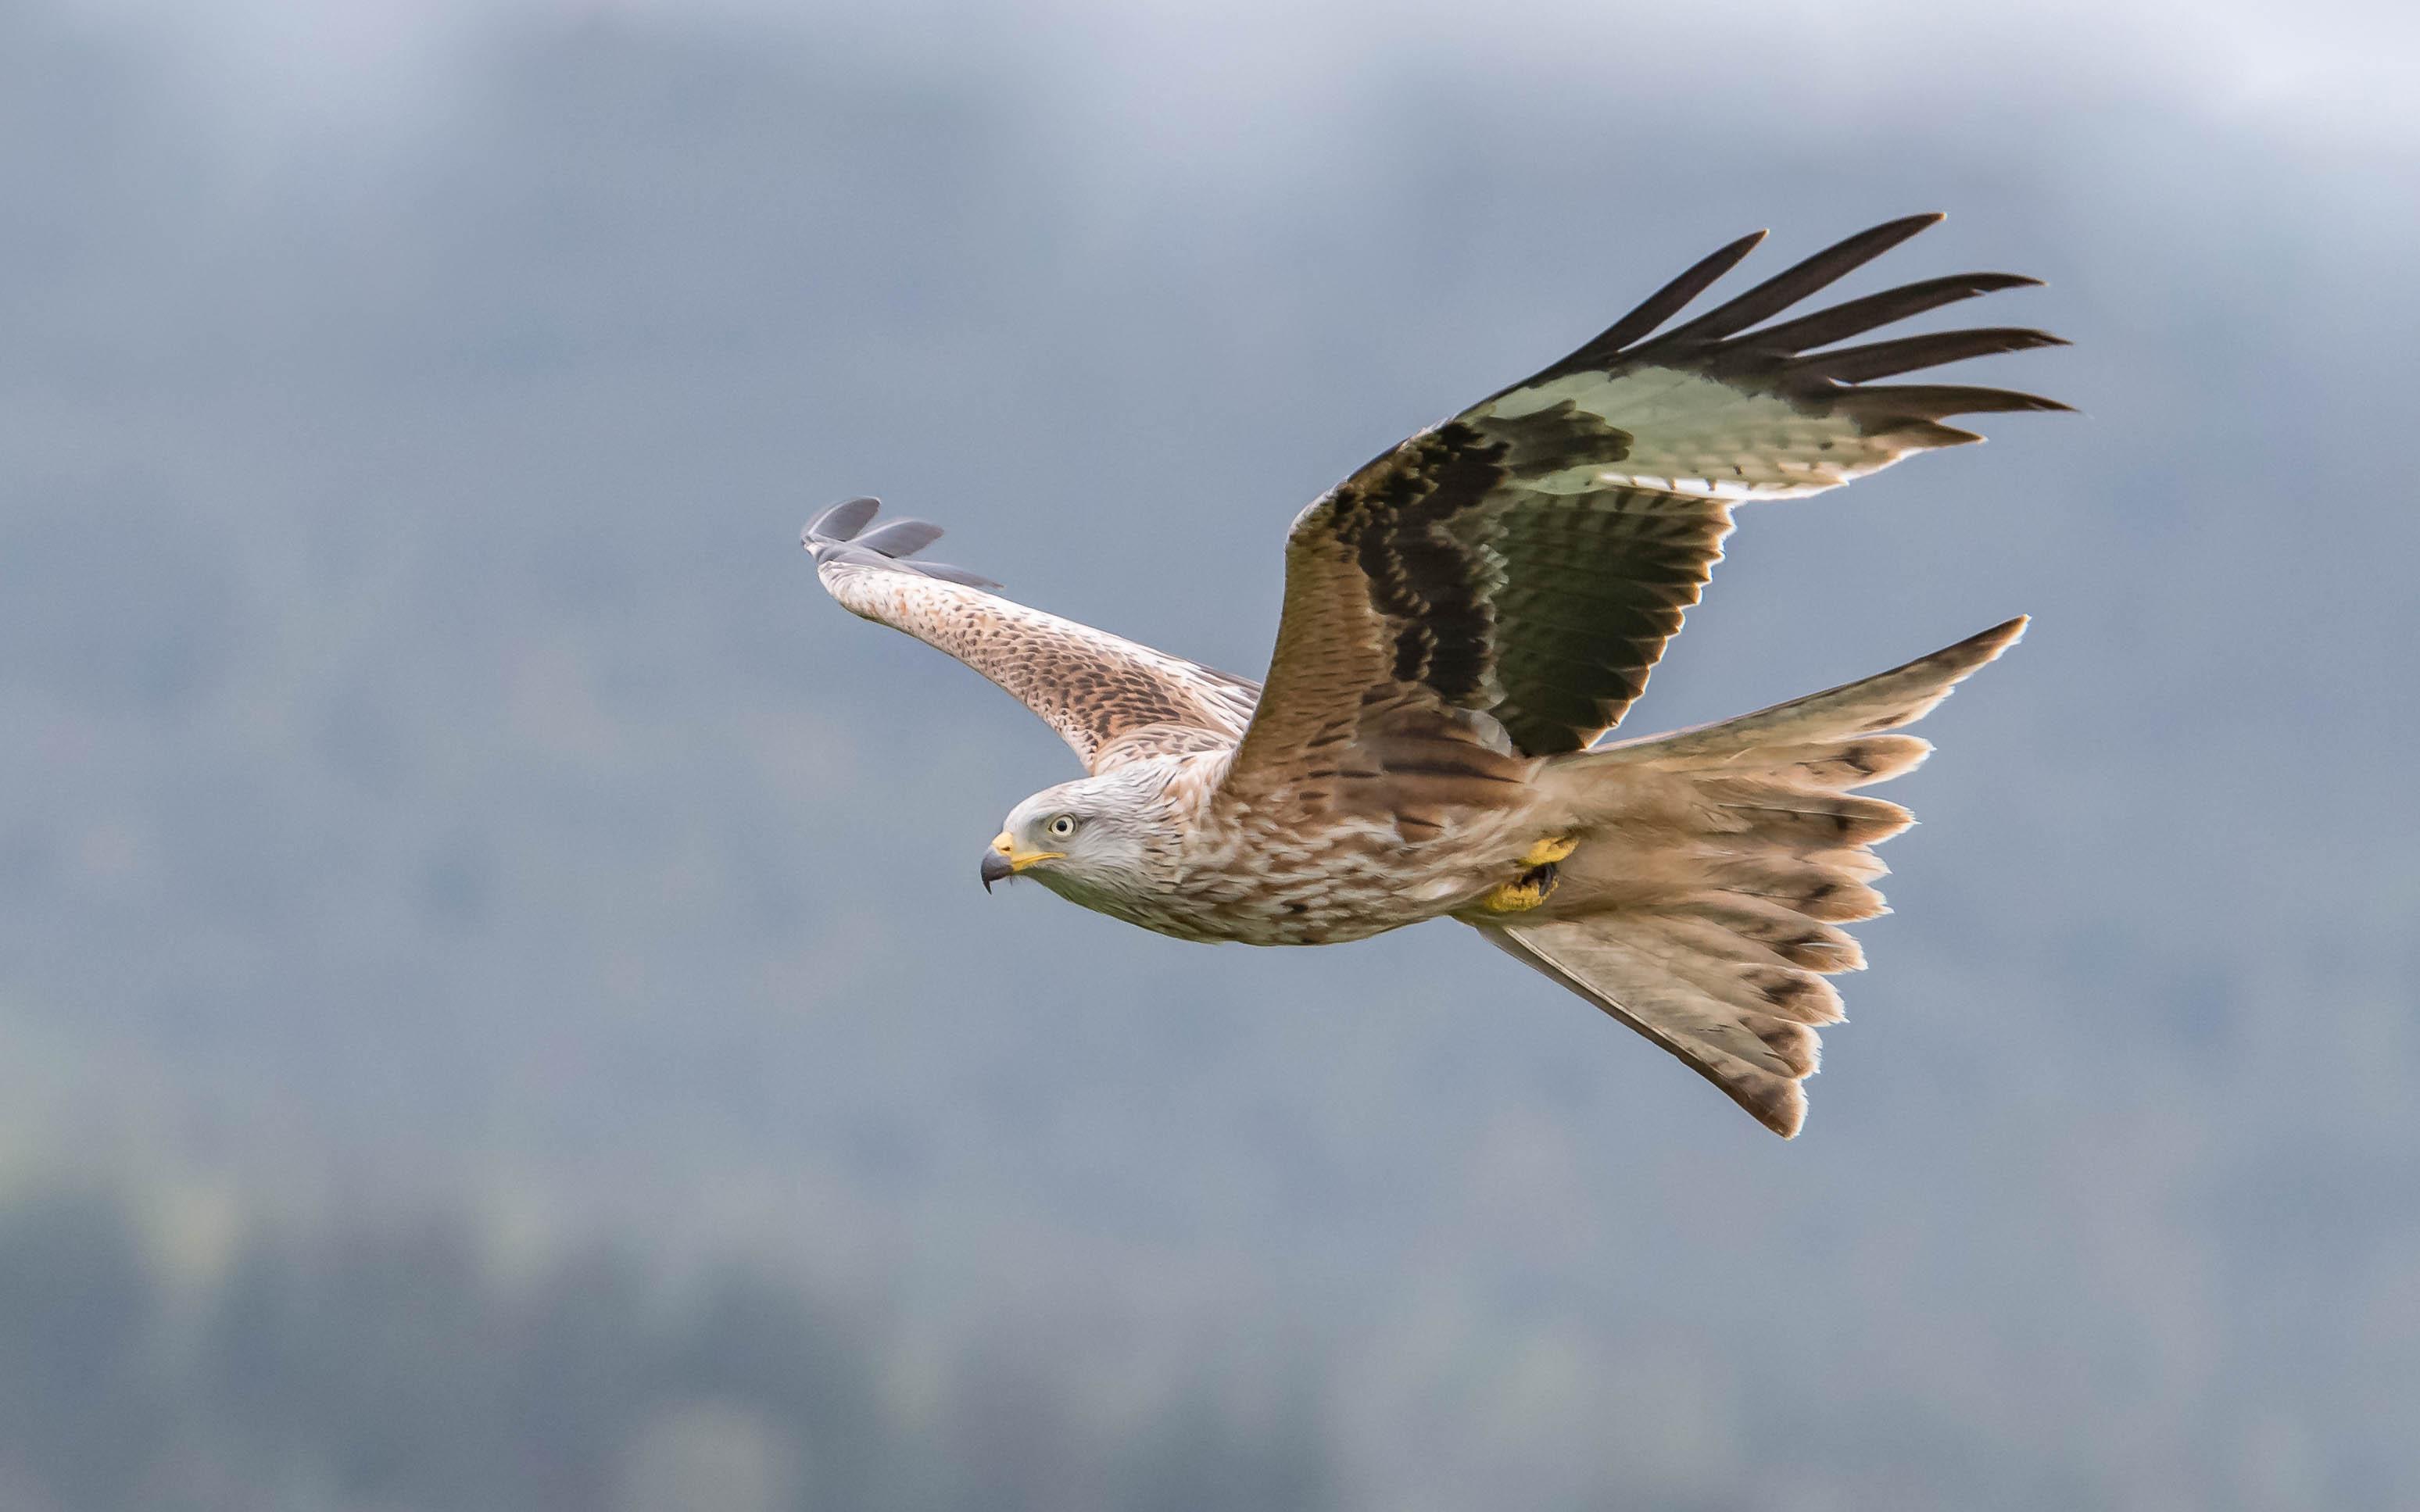 Aguila volando - 3096x1935